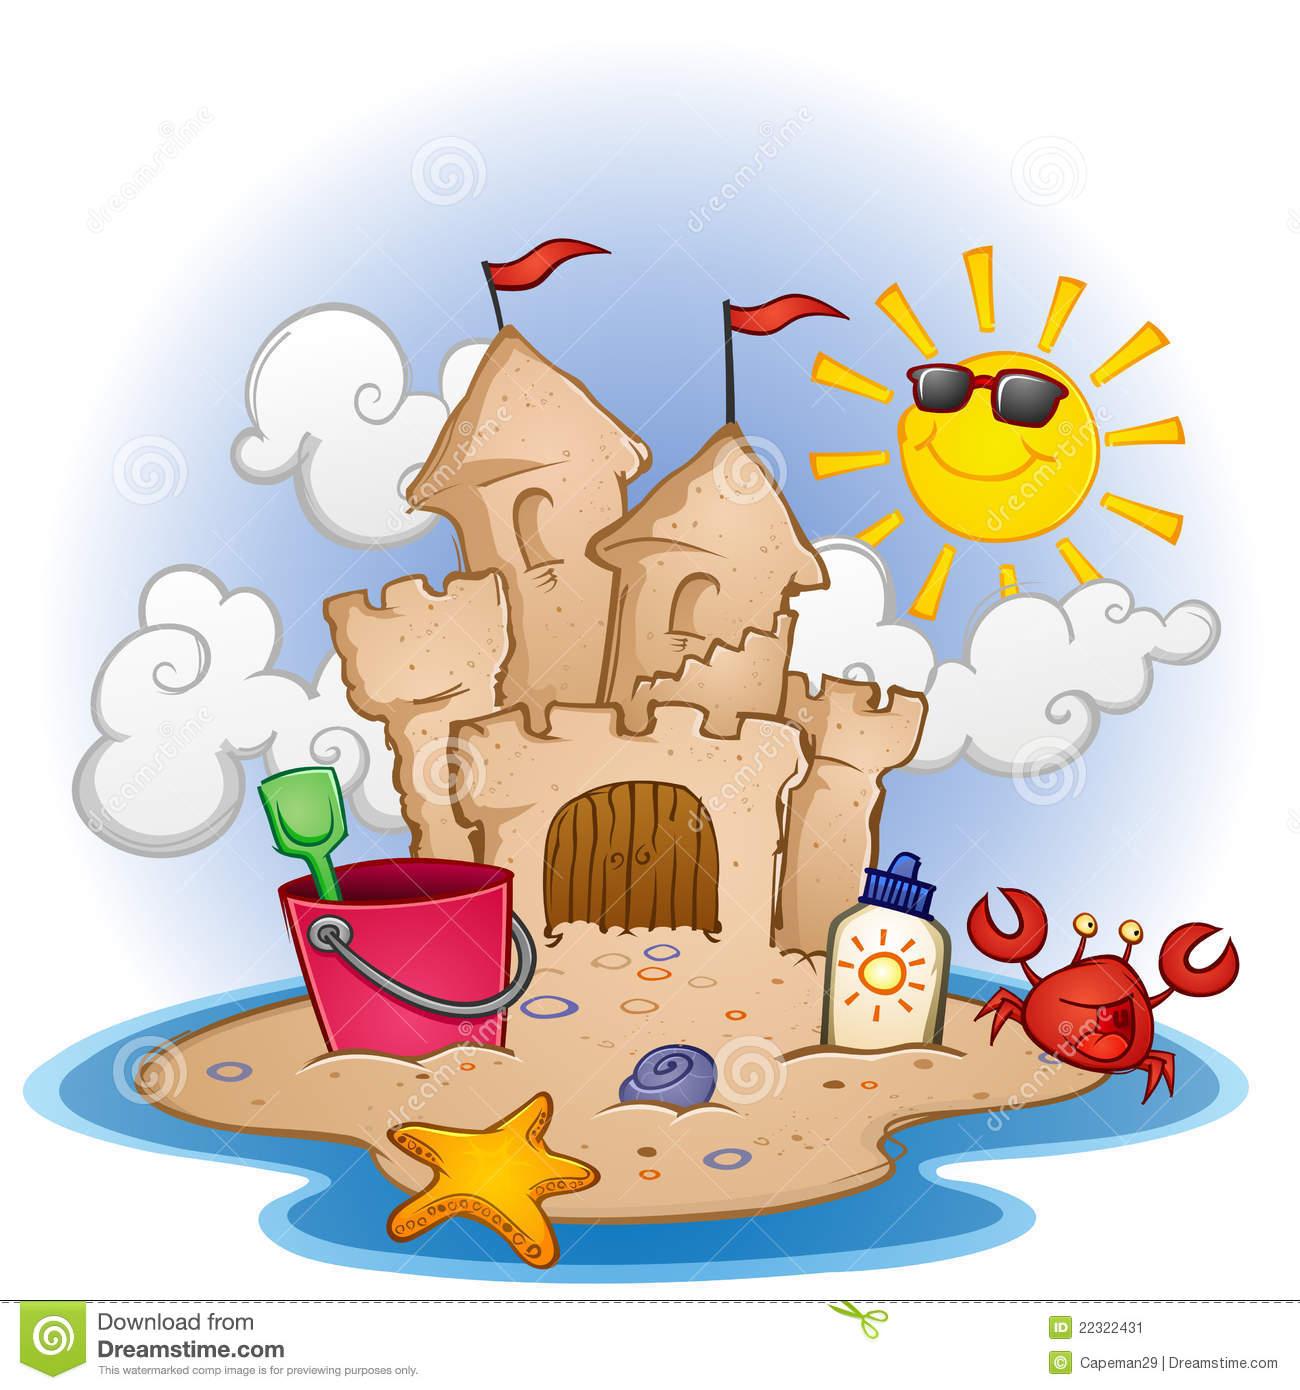 Beach Scene With A Sandcastle Beach Toys-Beach Scene With A Sandcastle Beach Toys And A Few Fun Characters-2